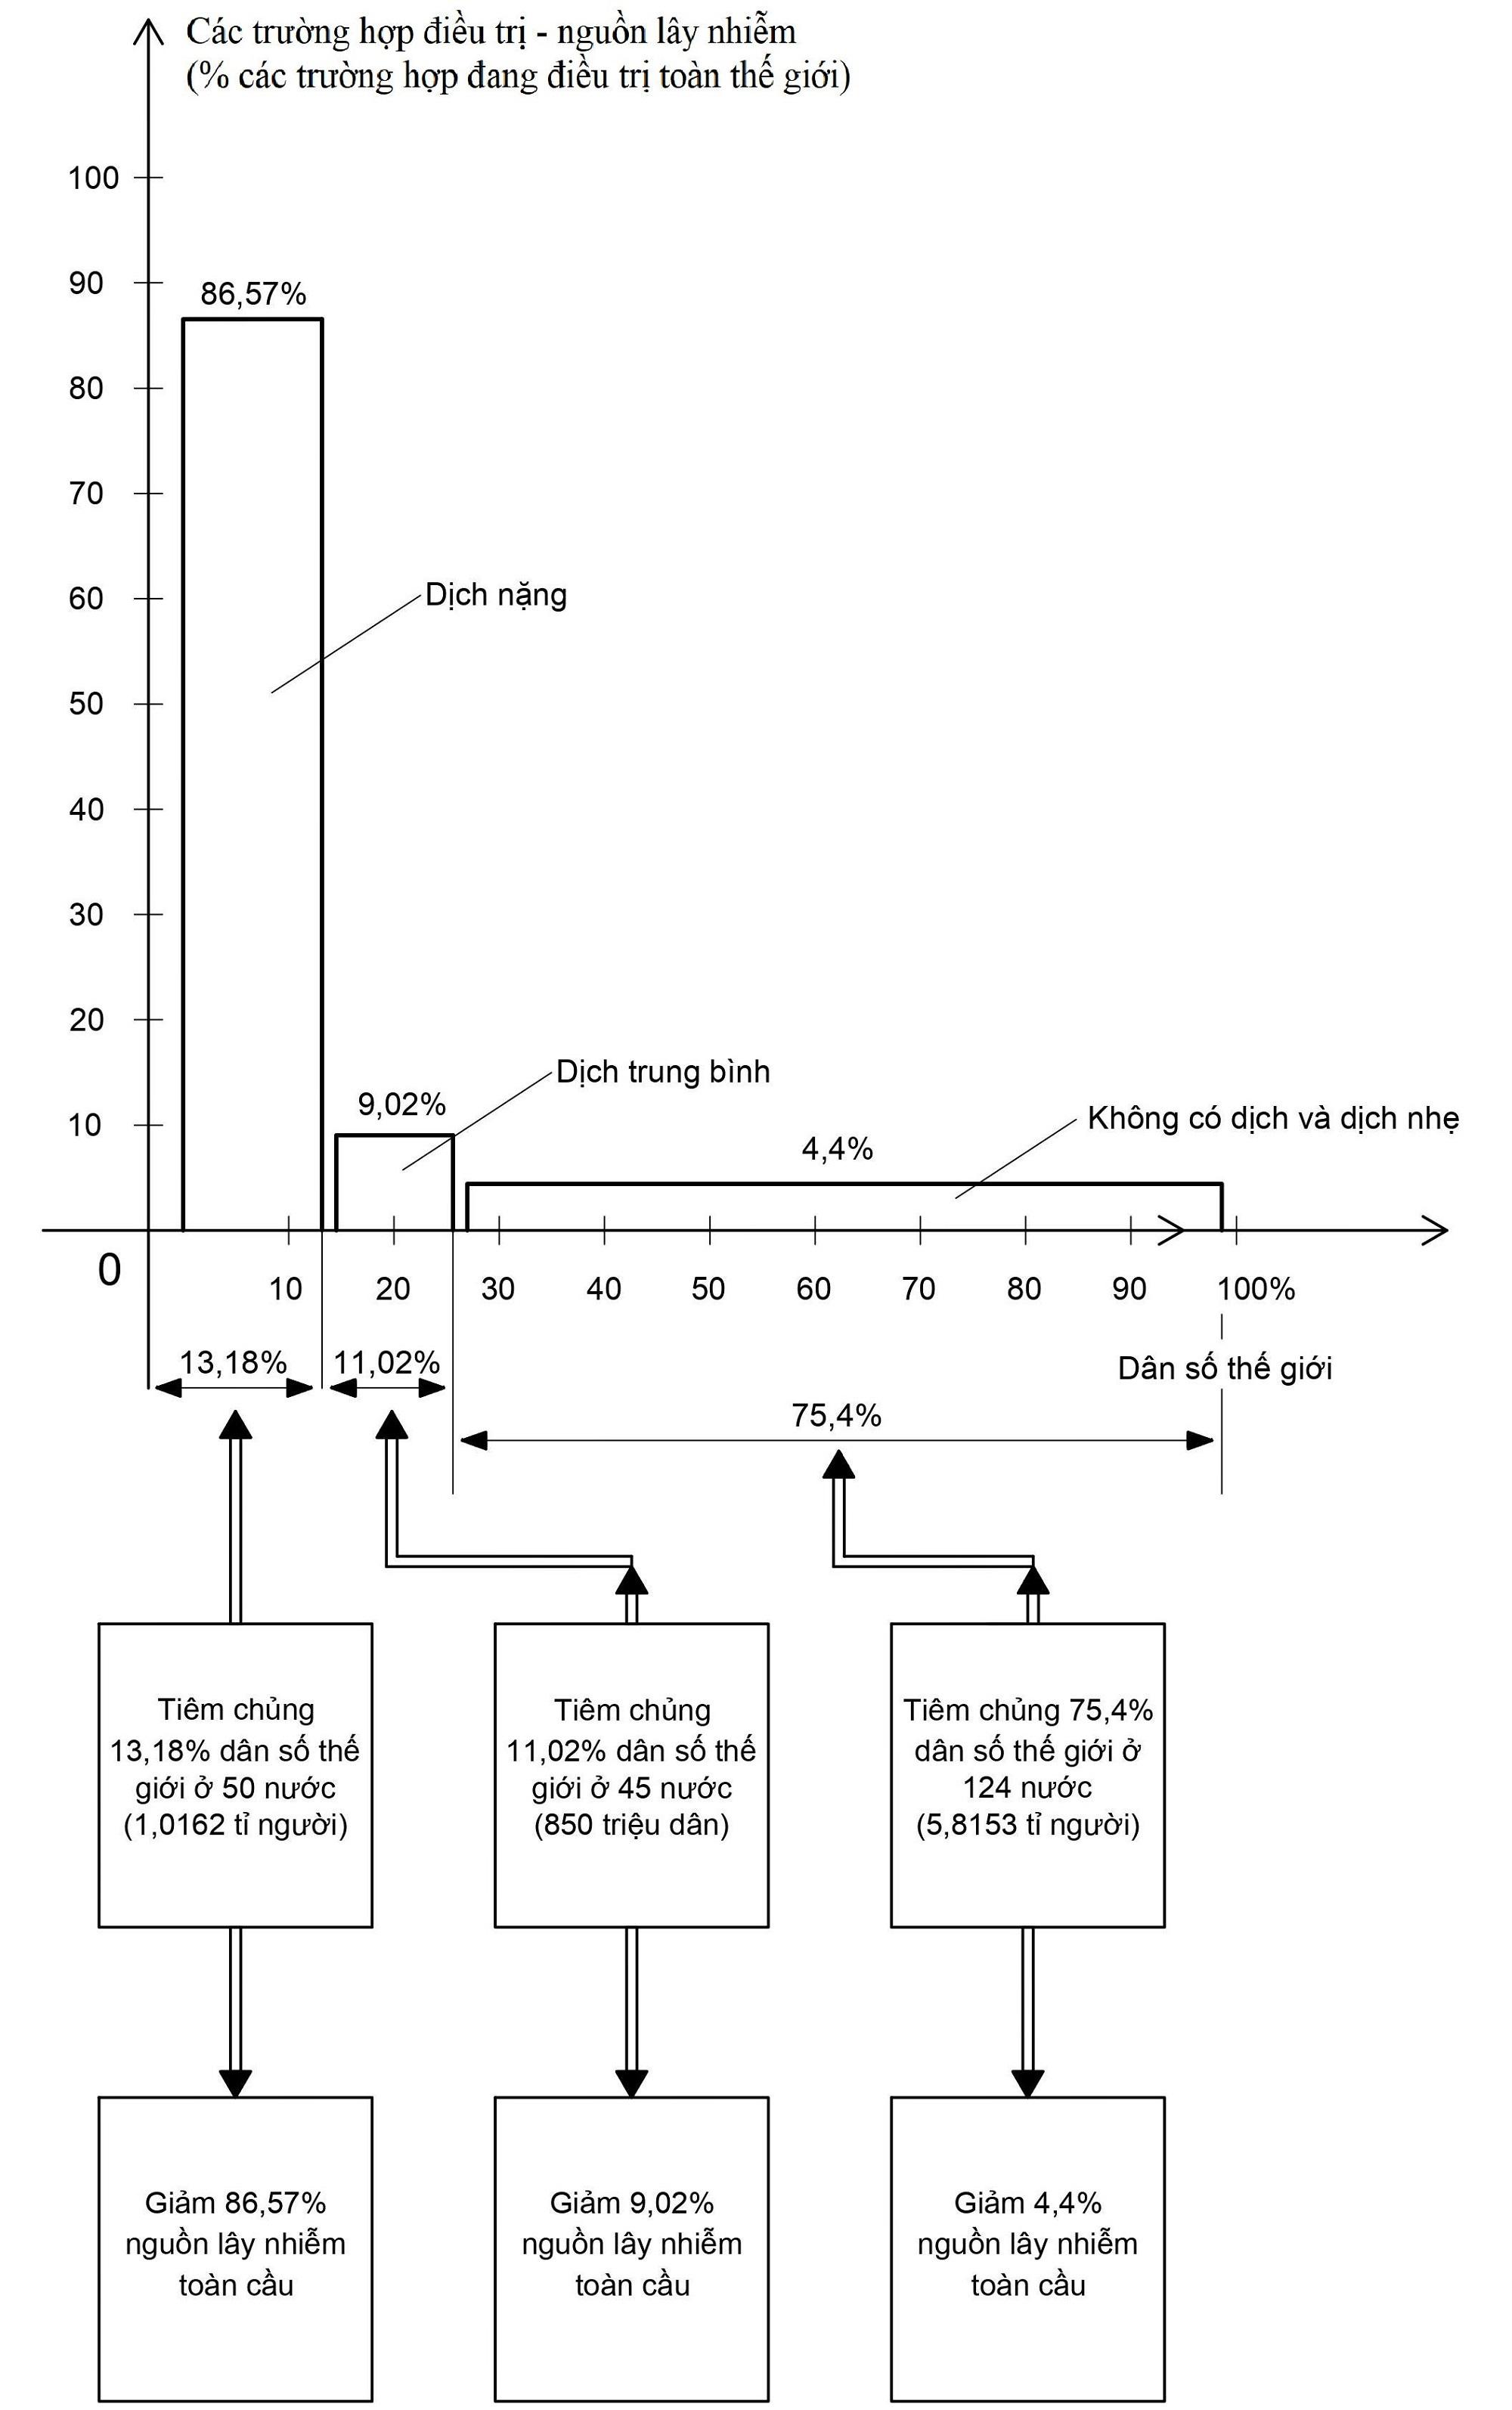 GS.TS Nguyễn Thiện Nhân đề xuất chiến lược 5 điểm cho tiêm chủng vắc xin Covid-19